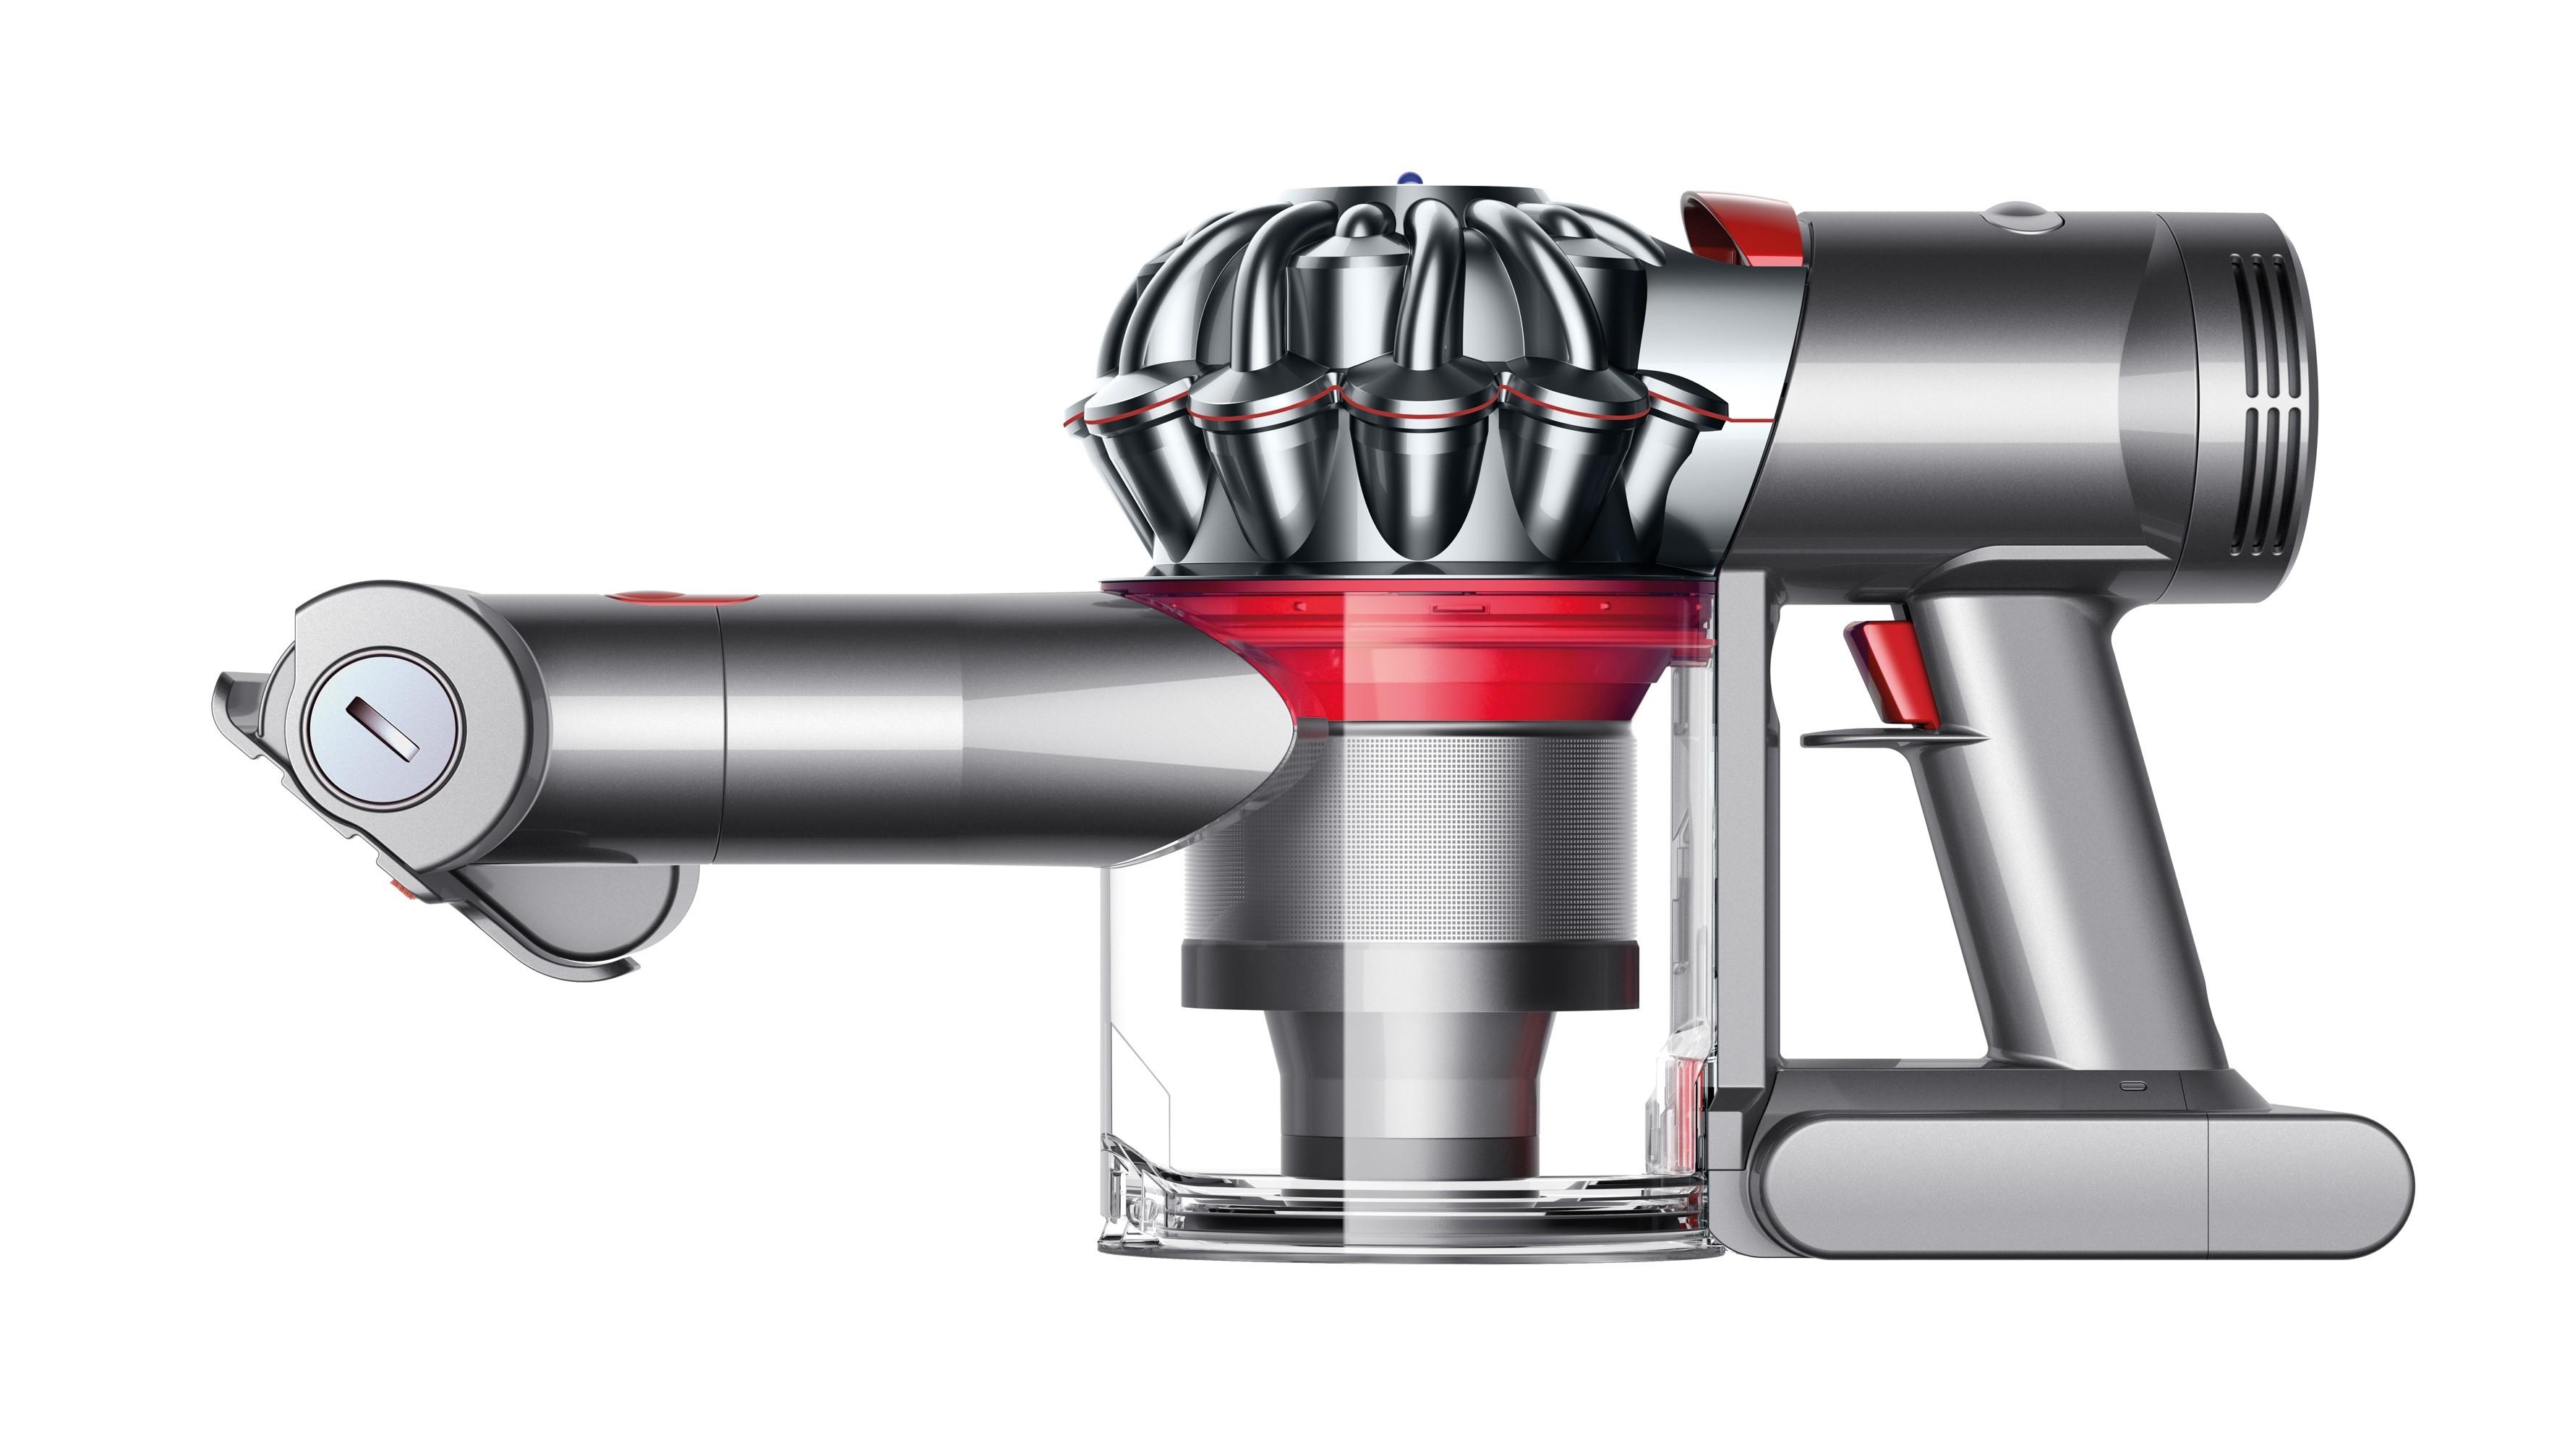 Aspirateur à main Dyson V7 Trigger - 100W